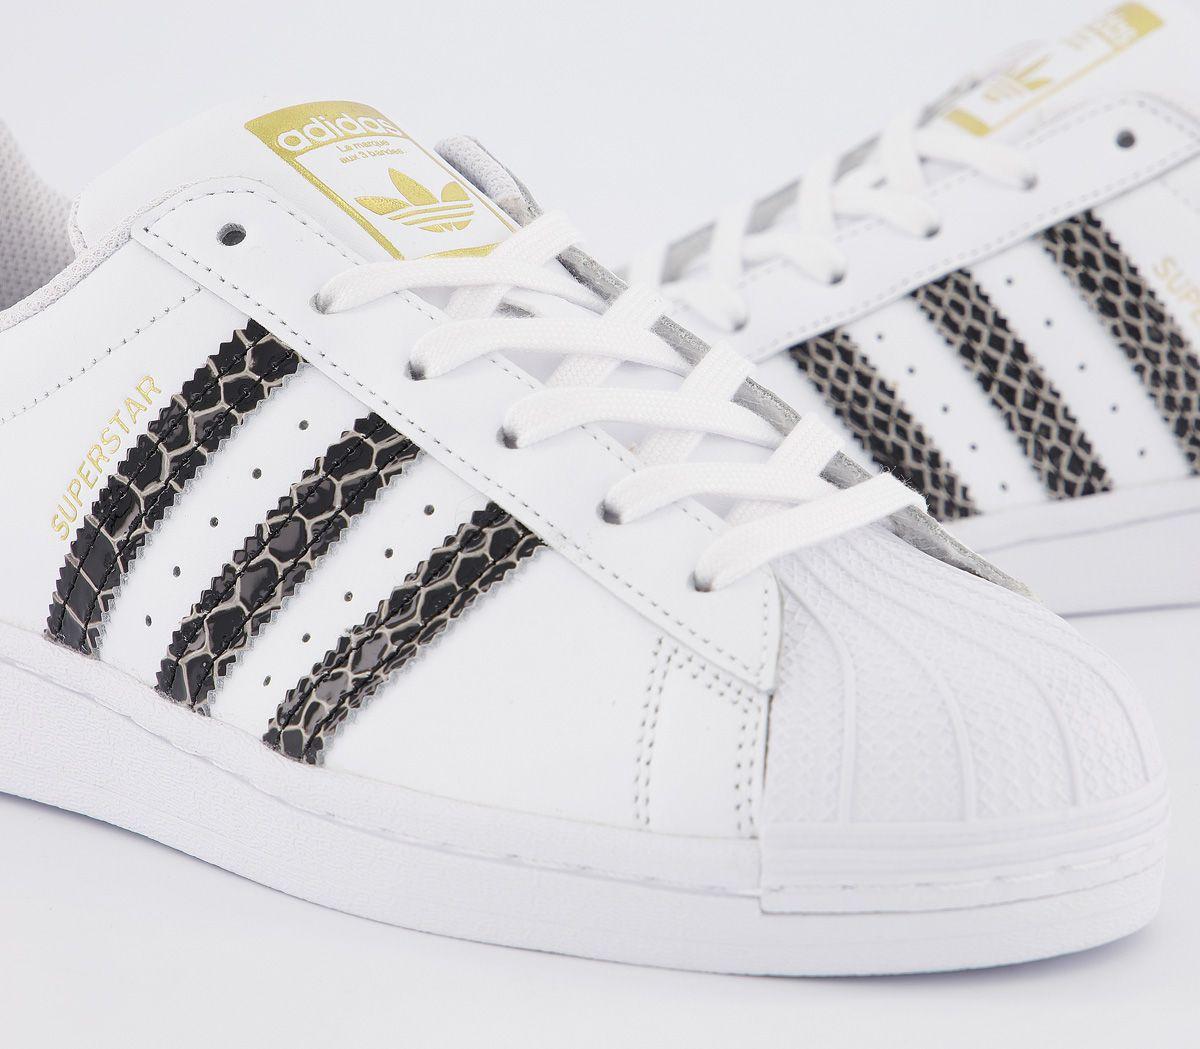 Damen adidas Superstar Turnschuhe Weiß Schwarz Gold Kroko